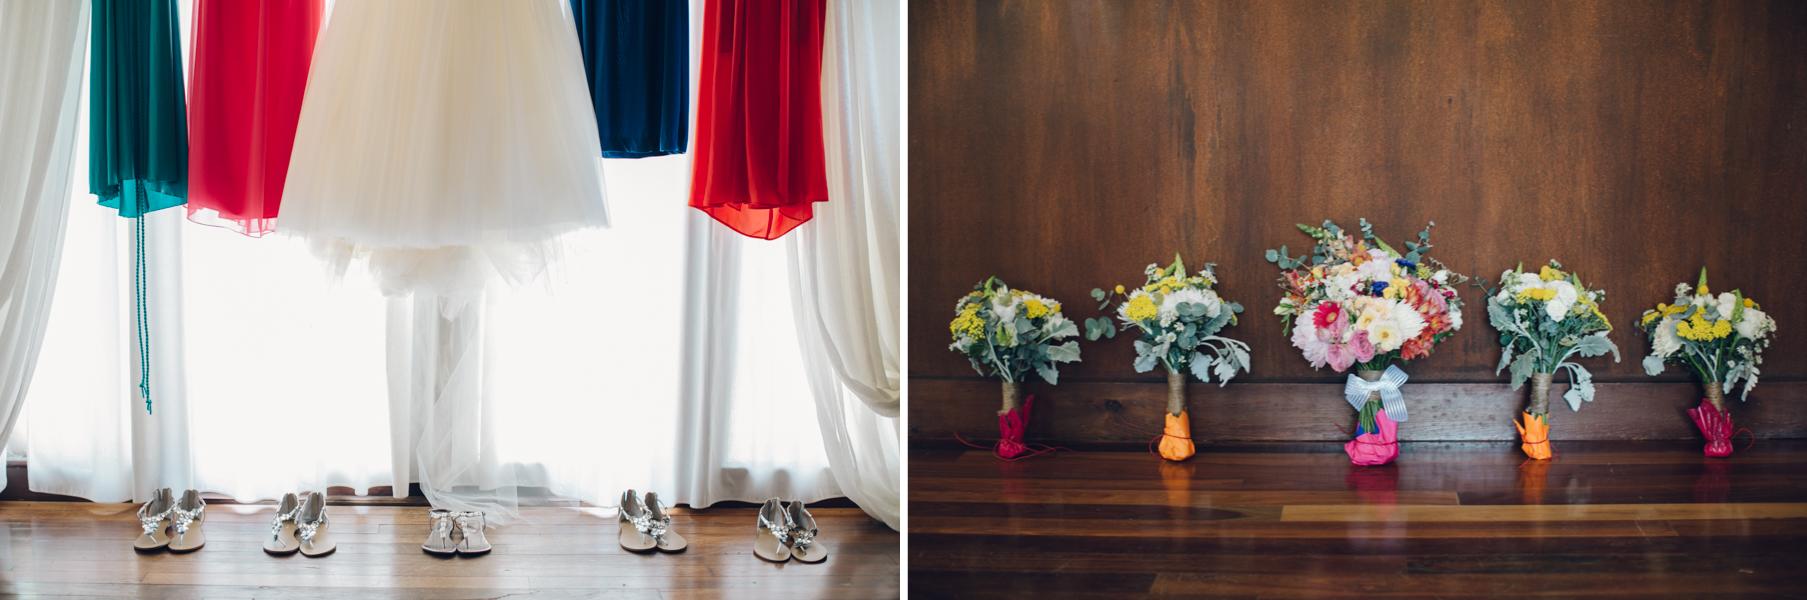 Erin & Craig Byron Bay Wedding Photography 4.jpg